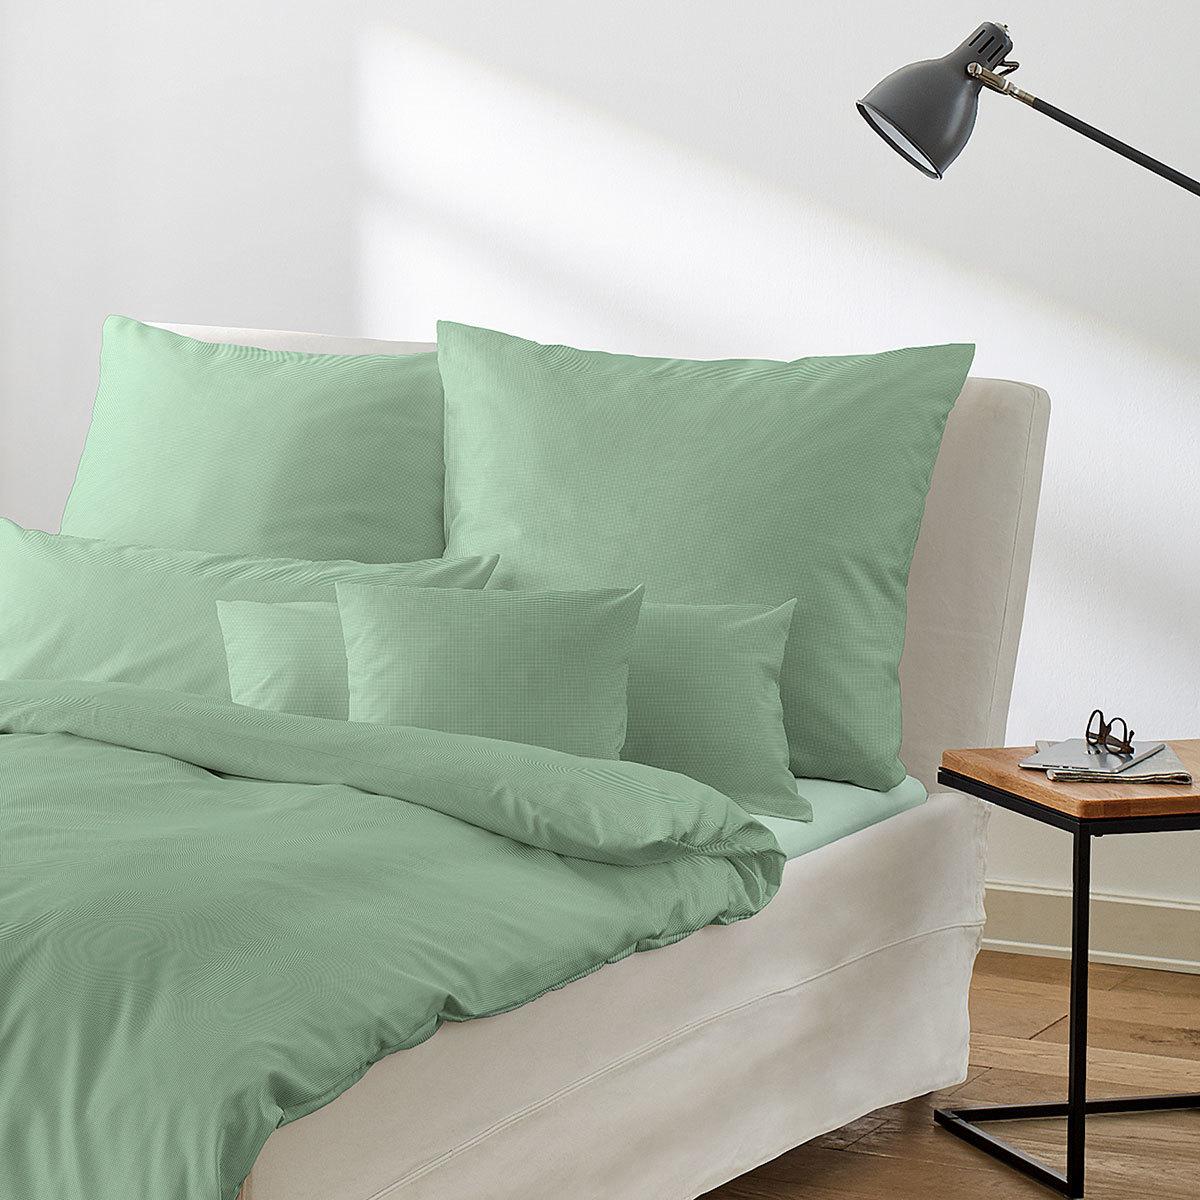 irisette bio bettw sche aspen 8740 30 g nstig online kaufen bei bettwaren shop. Black Bedroom Furniture Sets. Home Design Ideas